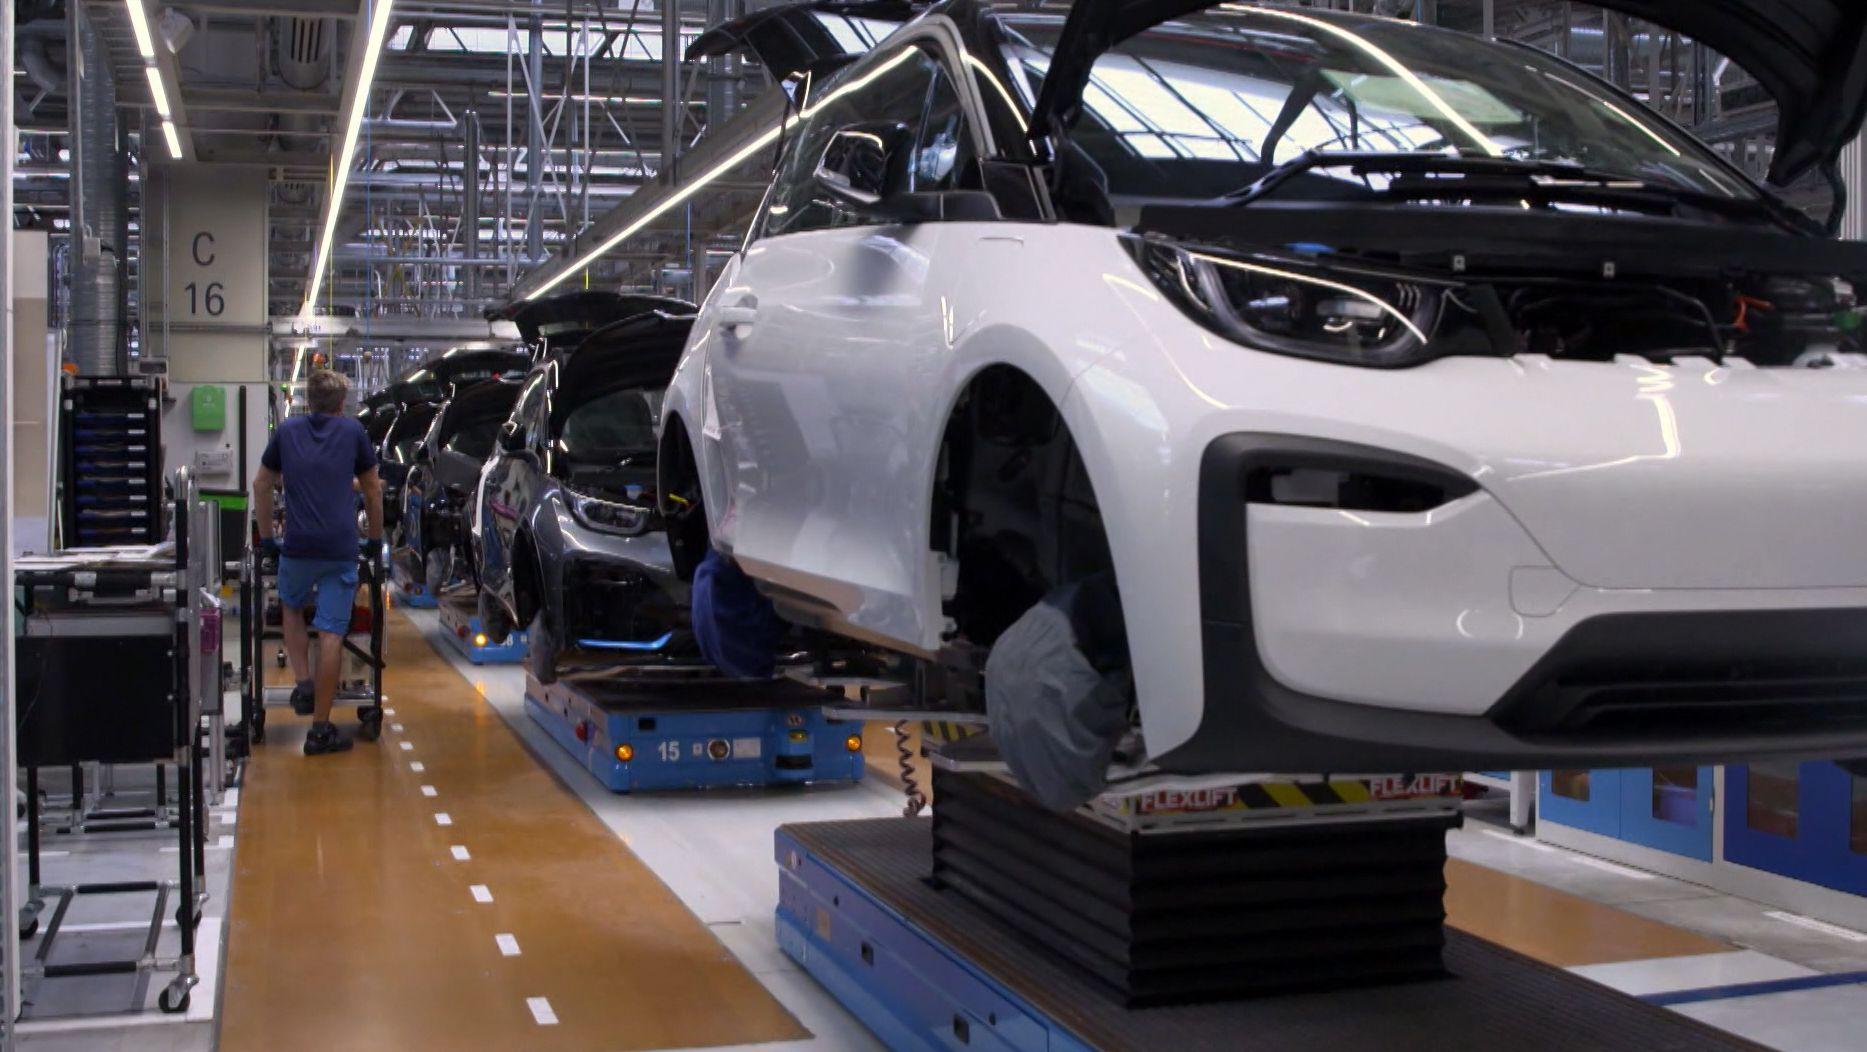 Die Autobranche ist in Bayern eine der wichtigsten. Deshalb will der Freistaat sie bis 2023 mit zusätzlichen 225 Millionen Euro fördern.